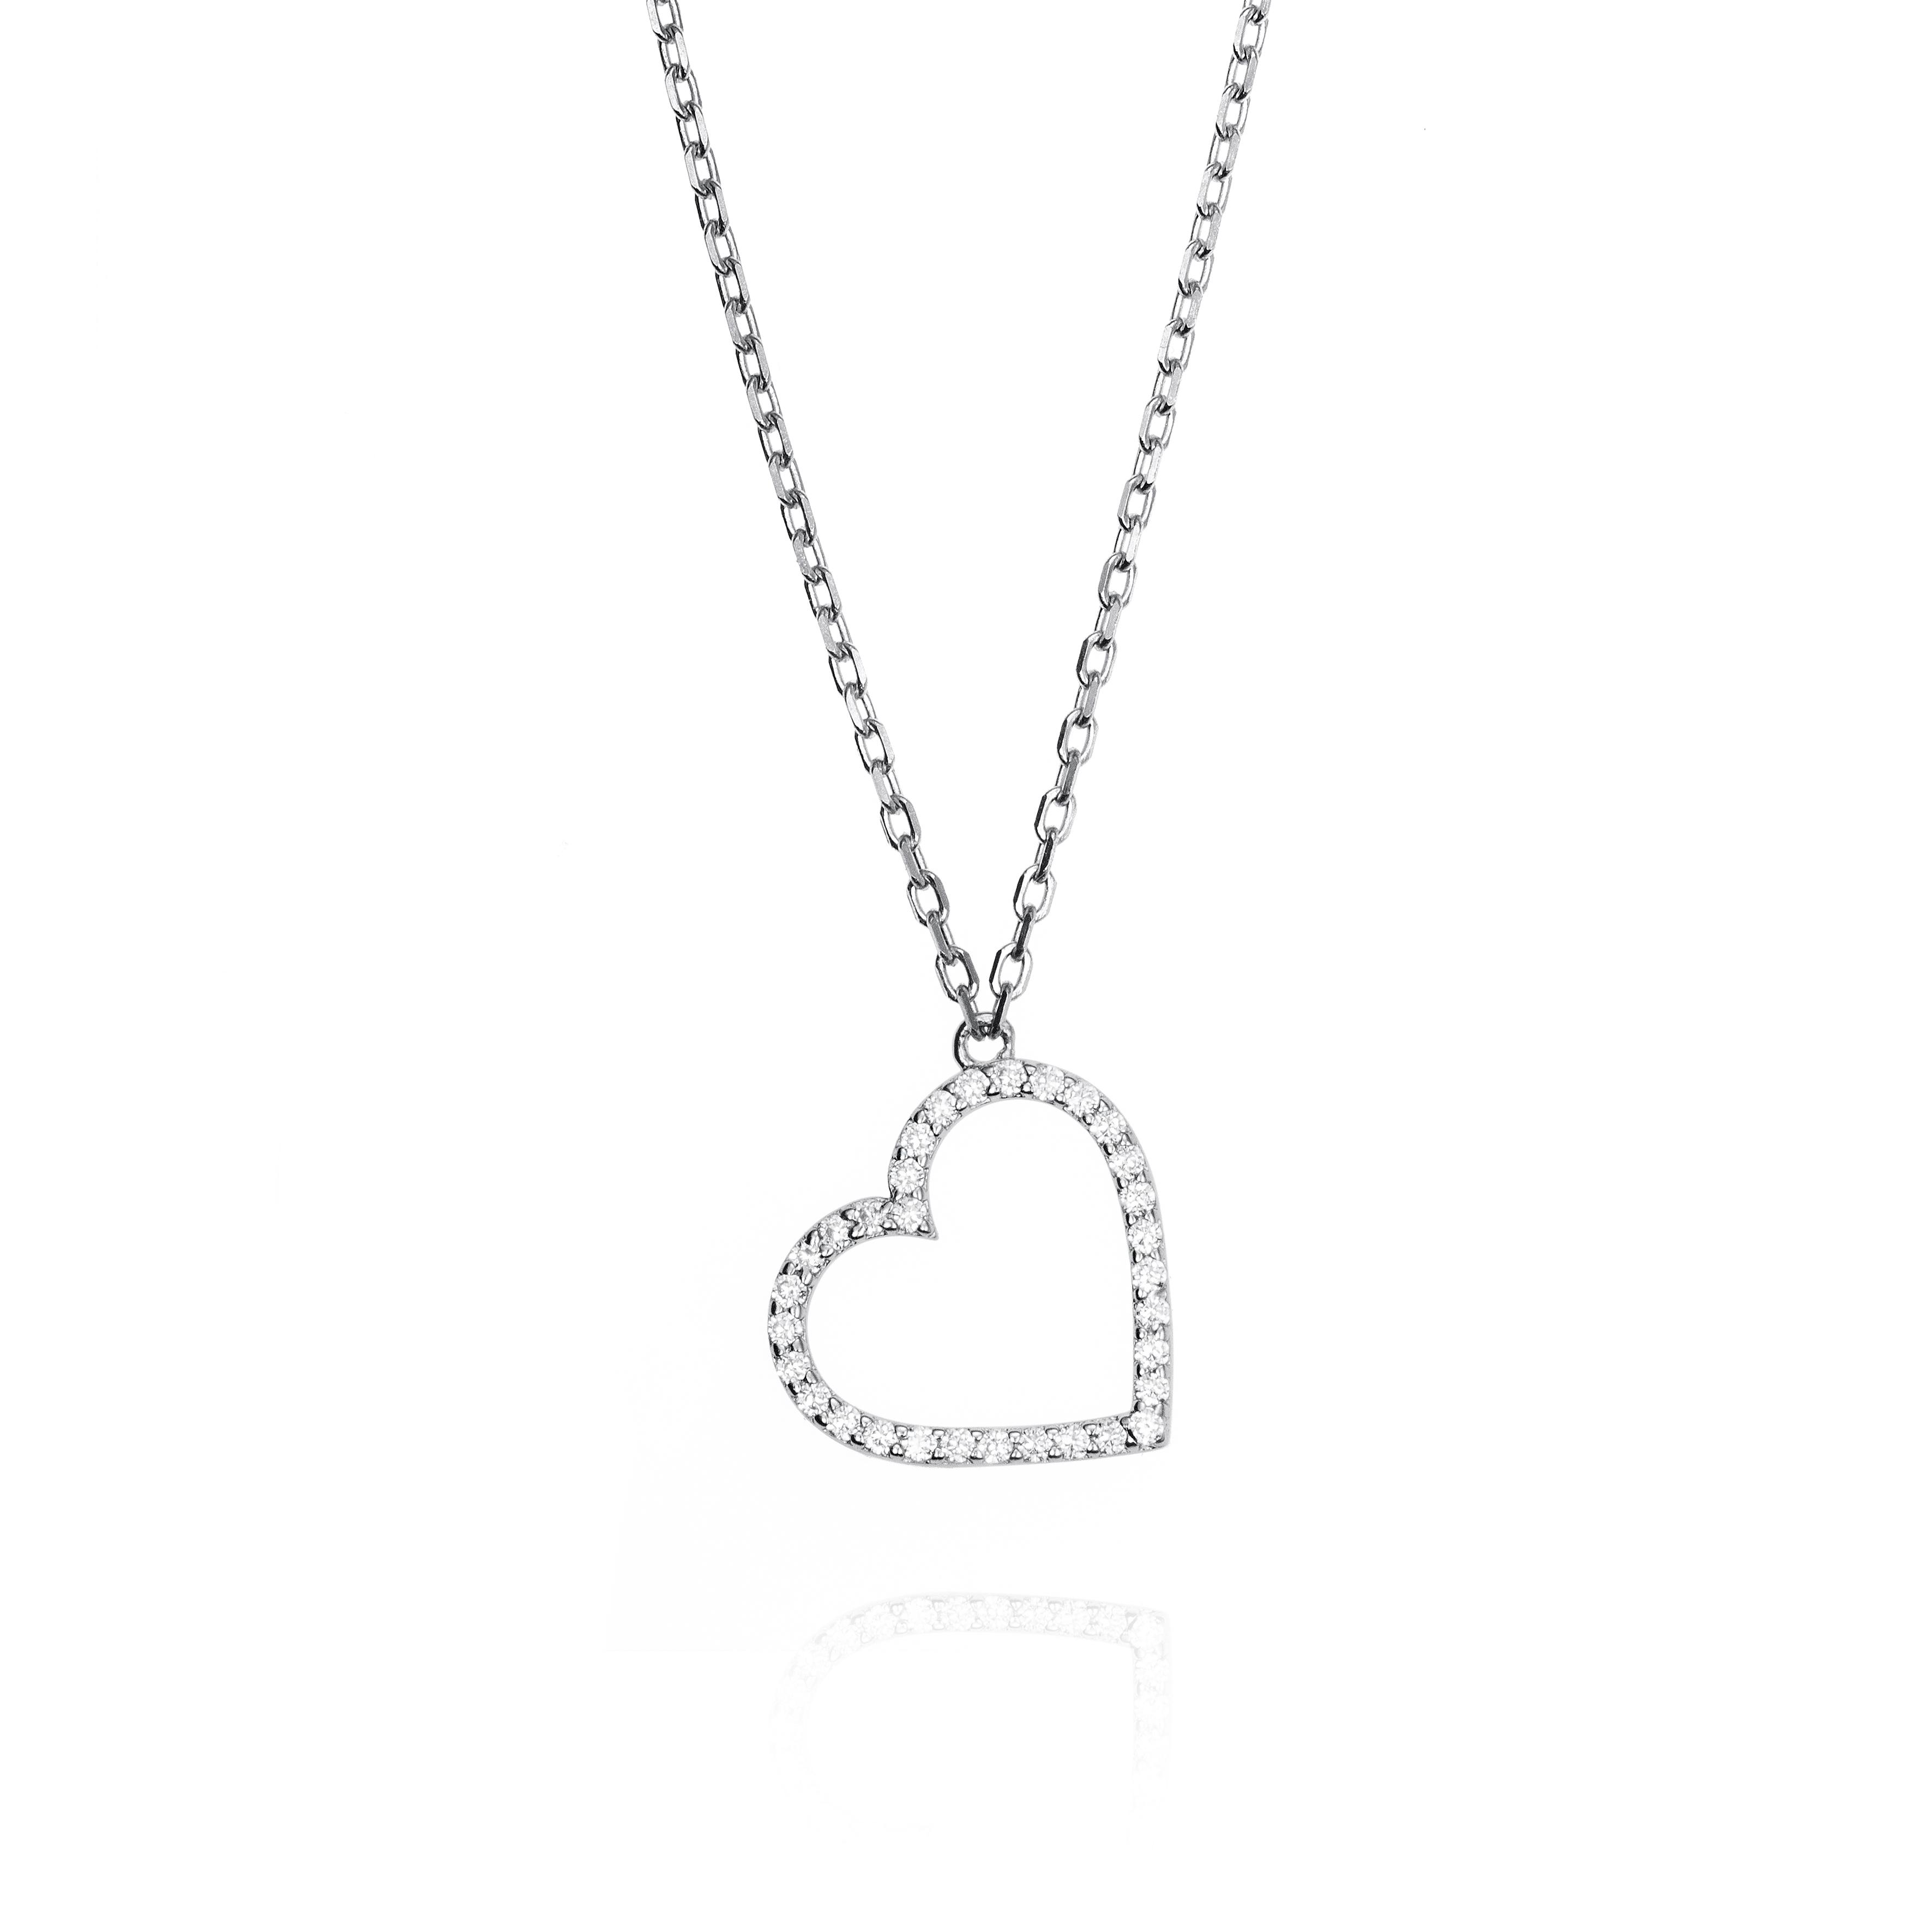 9882fdd2d2f2 0556614 Colgante corazón plata de ley y circonitas jolfer joyeros